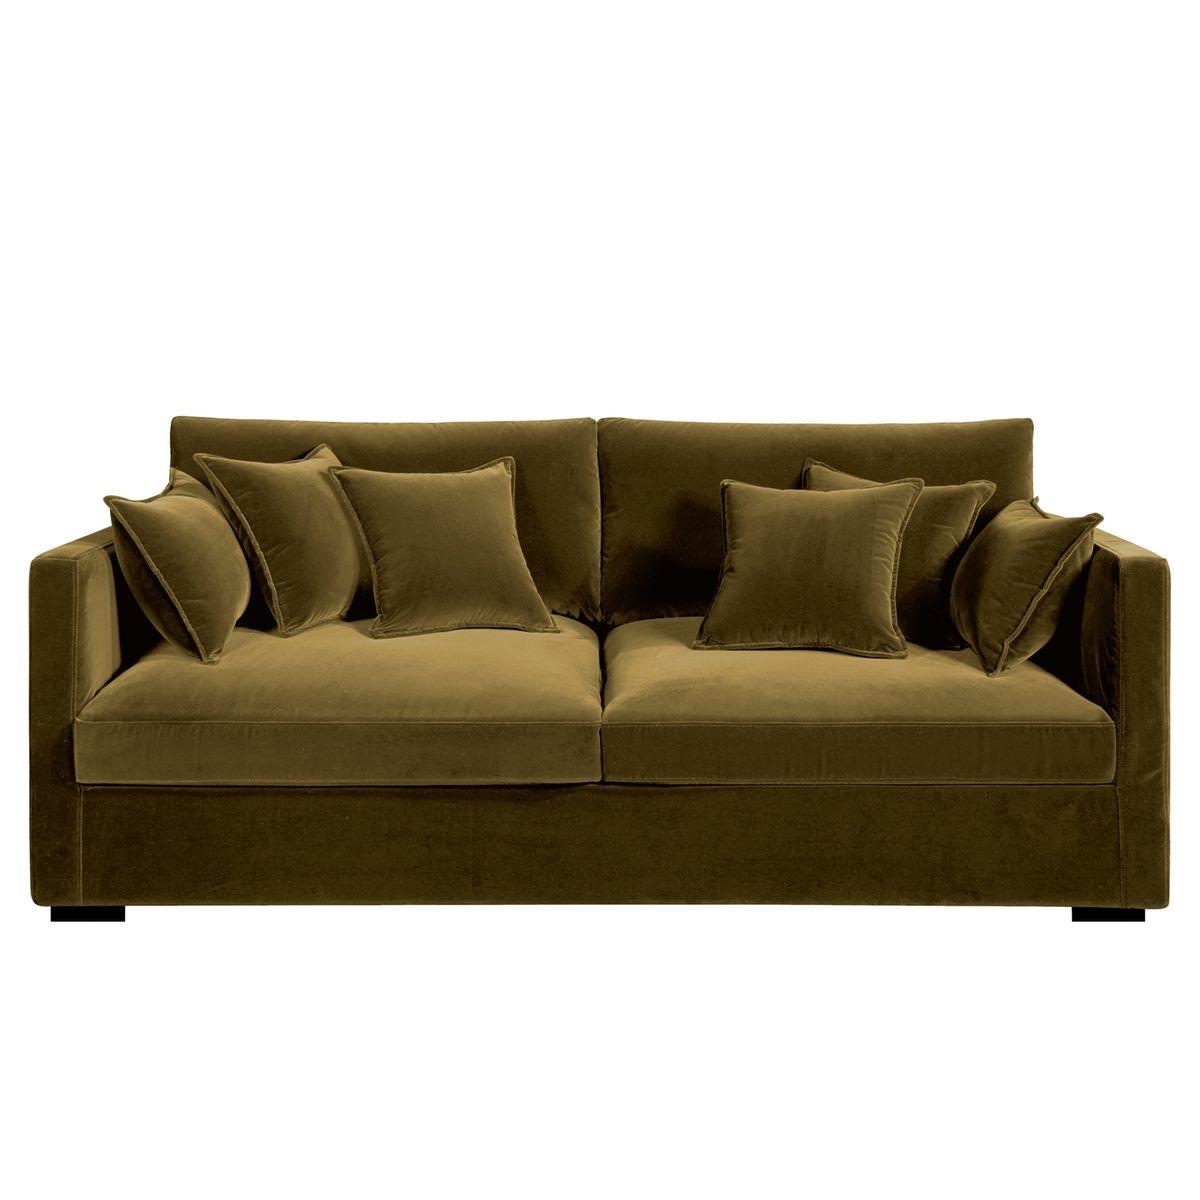 Achat canap s salle salon meubles discount page 49 - Canape 80 cm profondeur ...